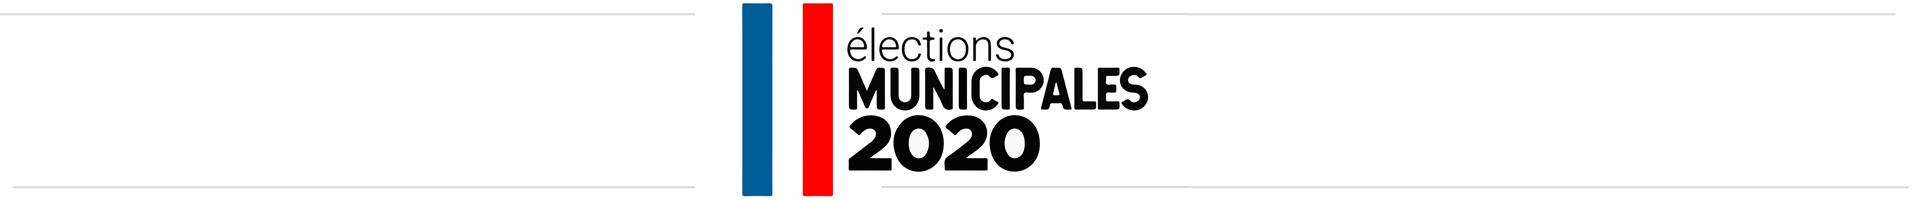 actu élections municipales 2020 en picardie (somme, oise, aisne) à Amiens, Beauvais, Compiègne, Noyon, Saint-Quentin, Peronne, Albert, Abbeville...